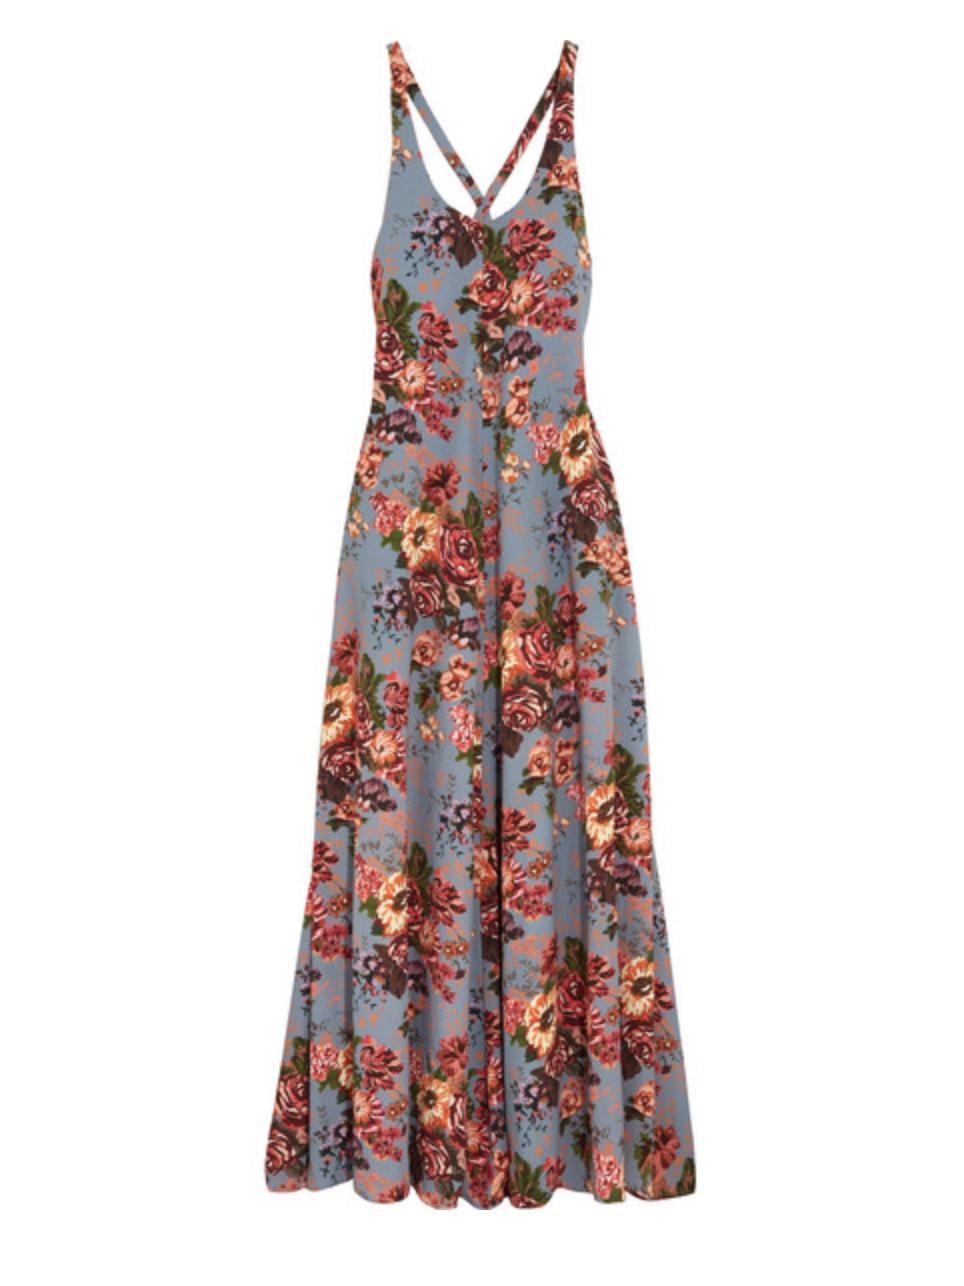 Emilia Wickstead Dress, $1905